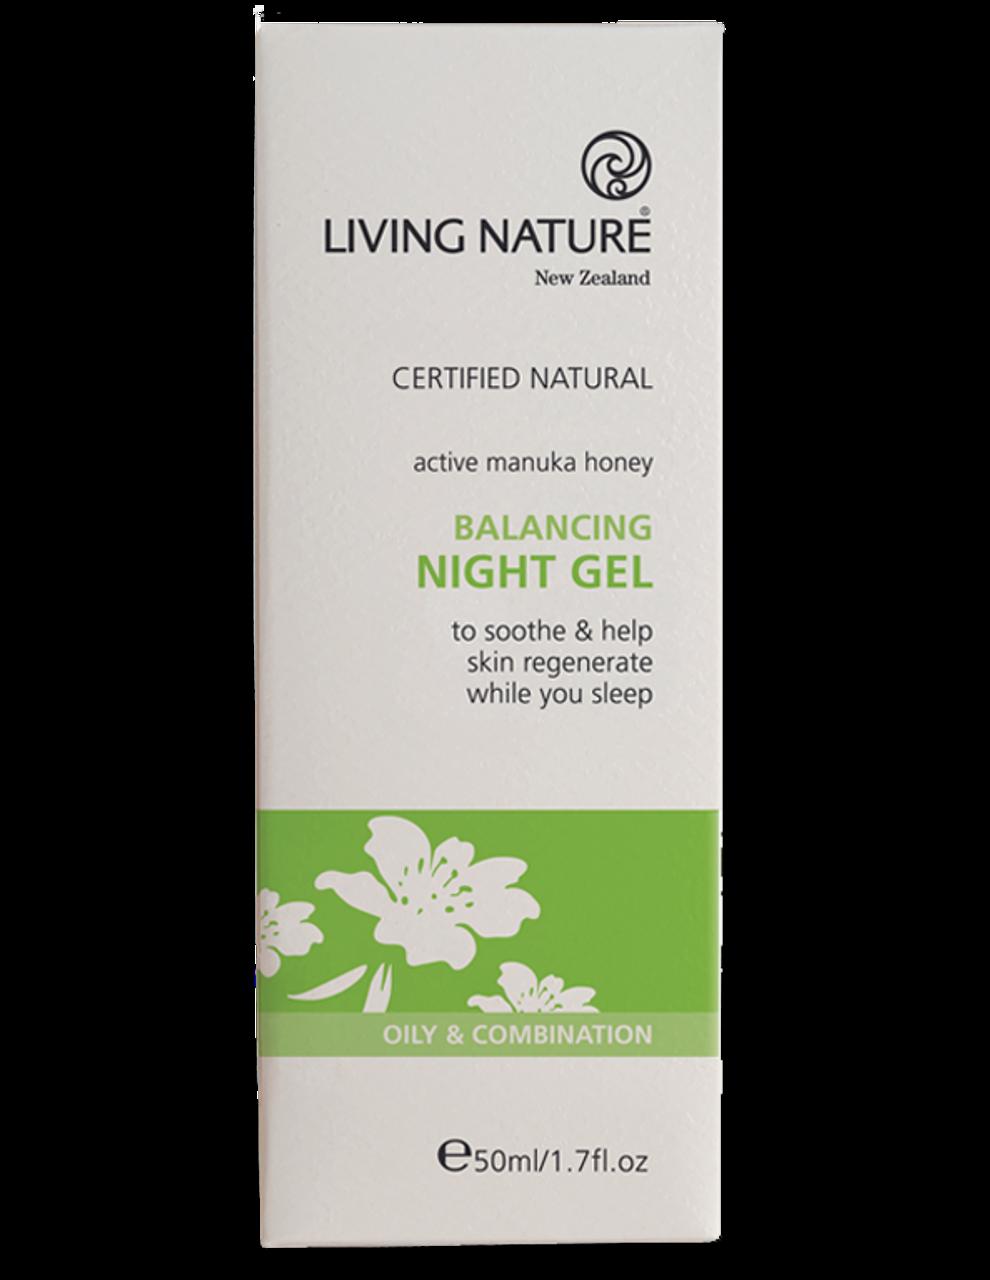 Living Nature, Balancing Night Gel -50ml